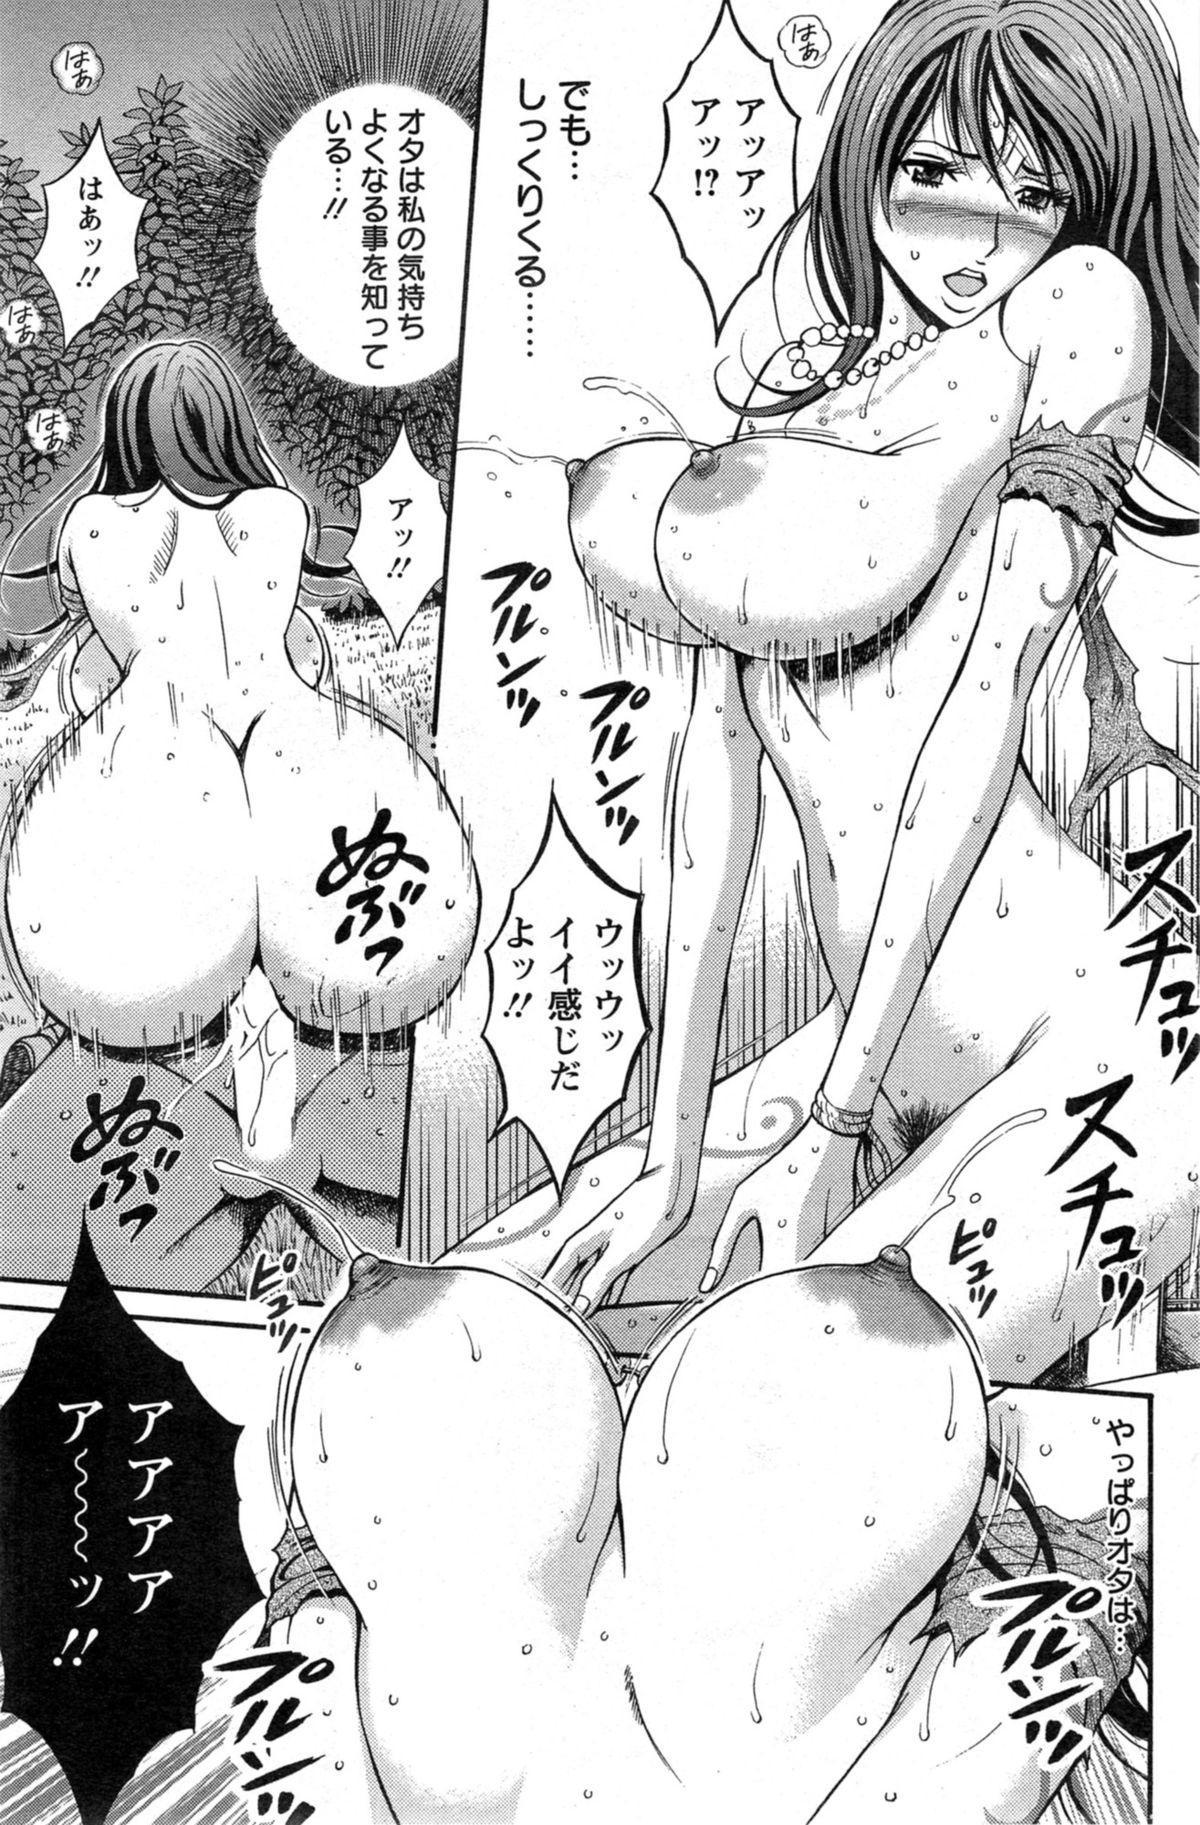 Kigenzen 10000 Nen no Ota Ch. 1-14 53